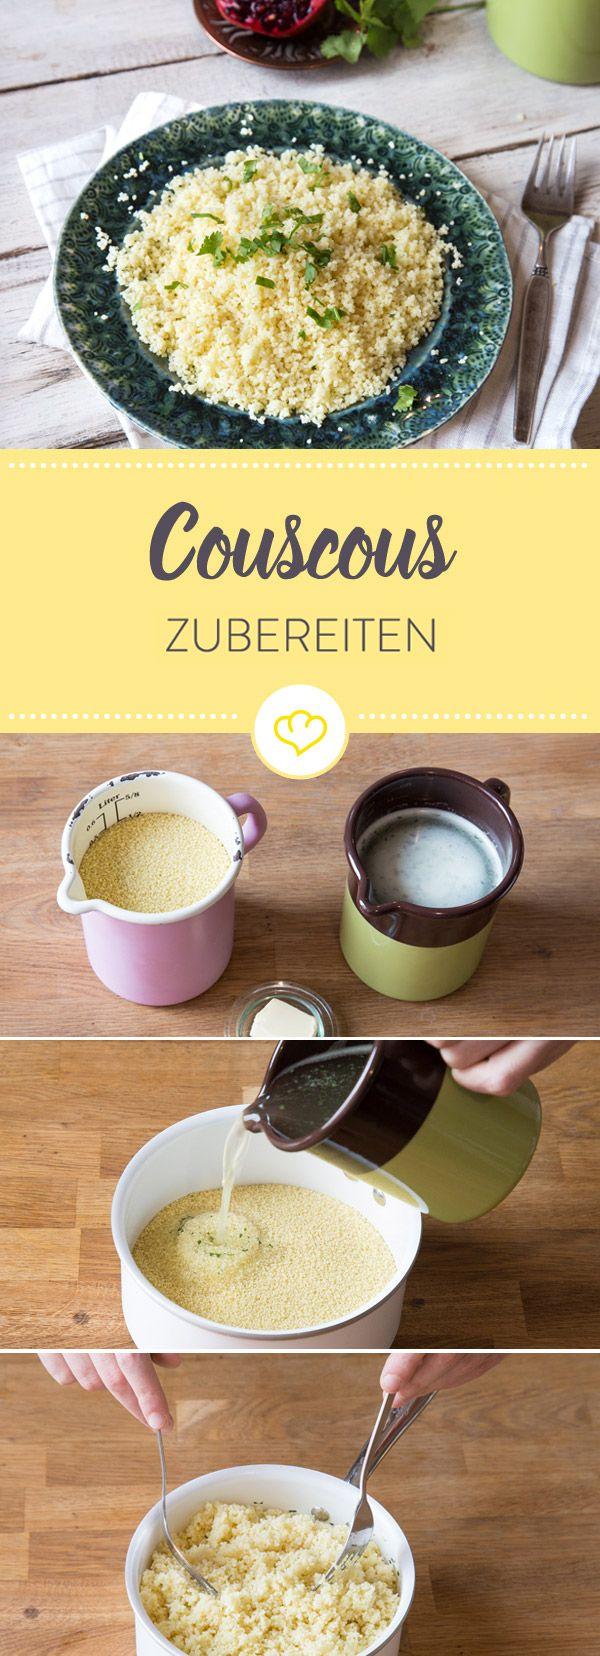 Couscous ist herrlich fluffig und lecker. Zum Glück ist die Zubereitung kinderleicht. Hier bekommst du alle Informationen rund um die kleinen Körnchen.